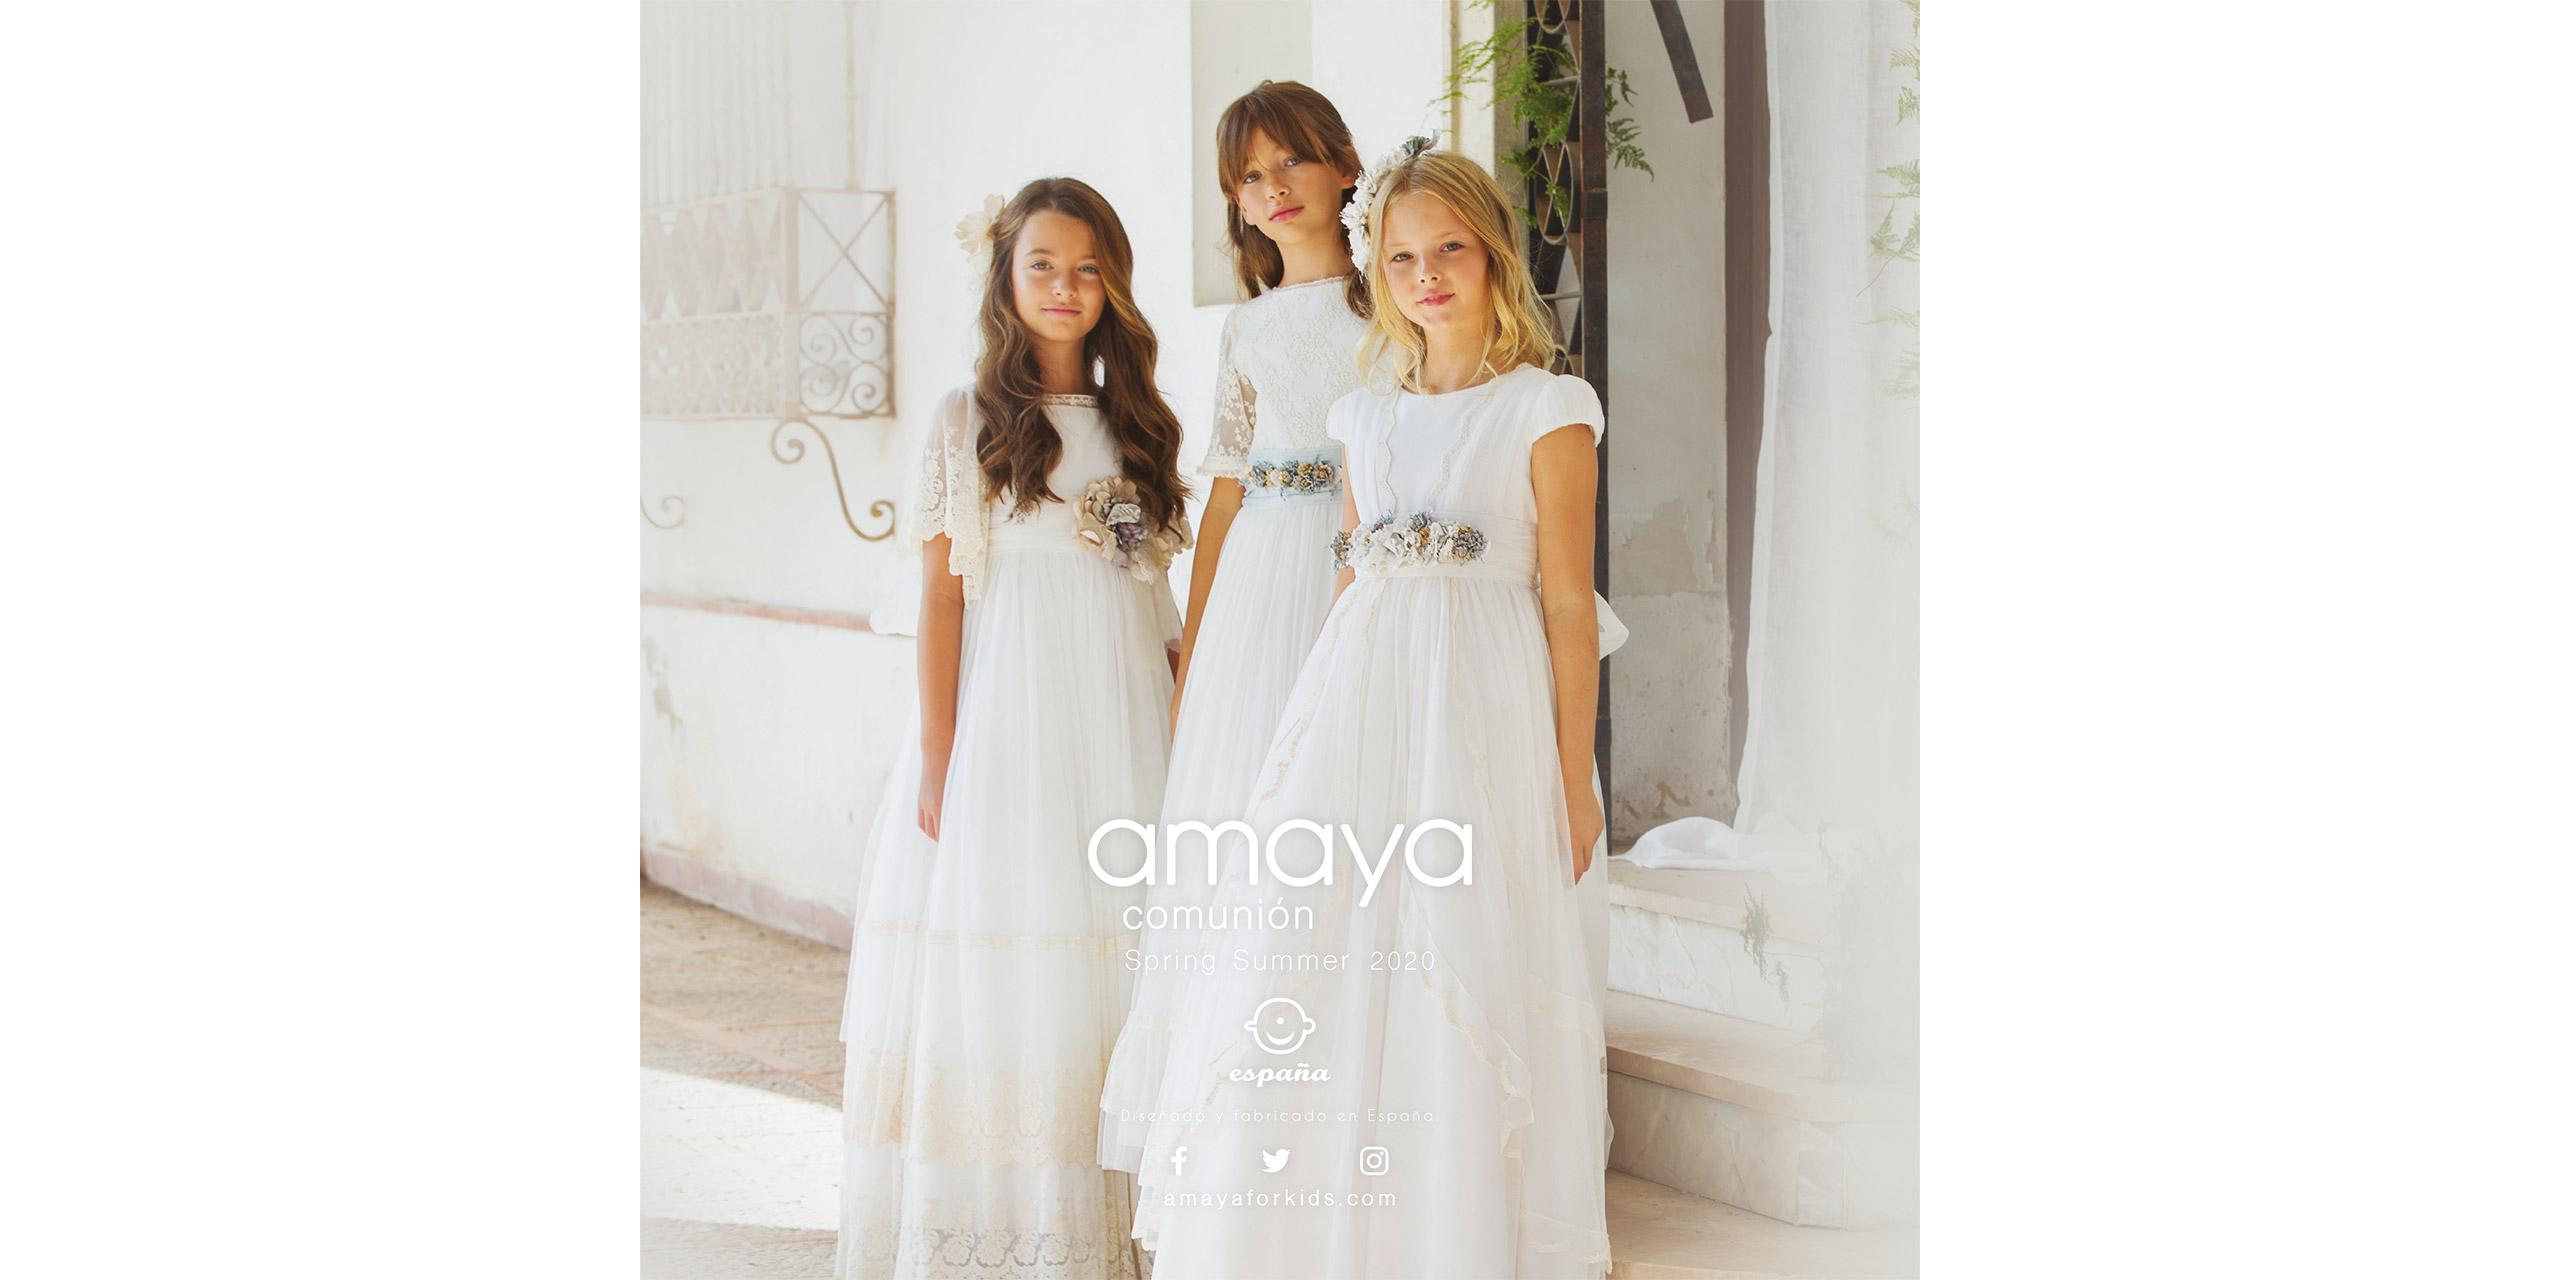 amaya-comunion-catalogo-2p-13